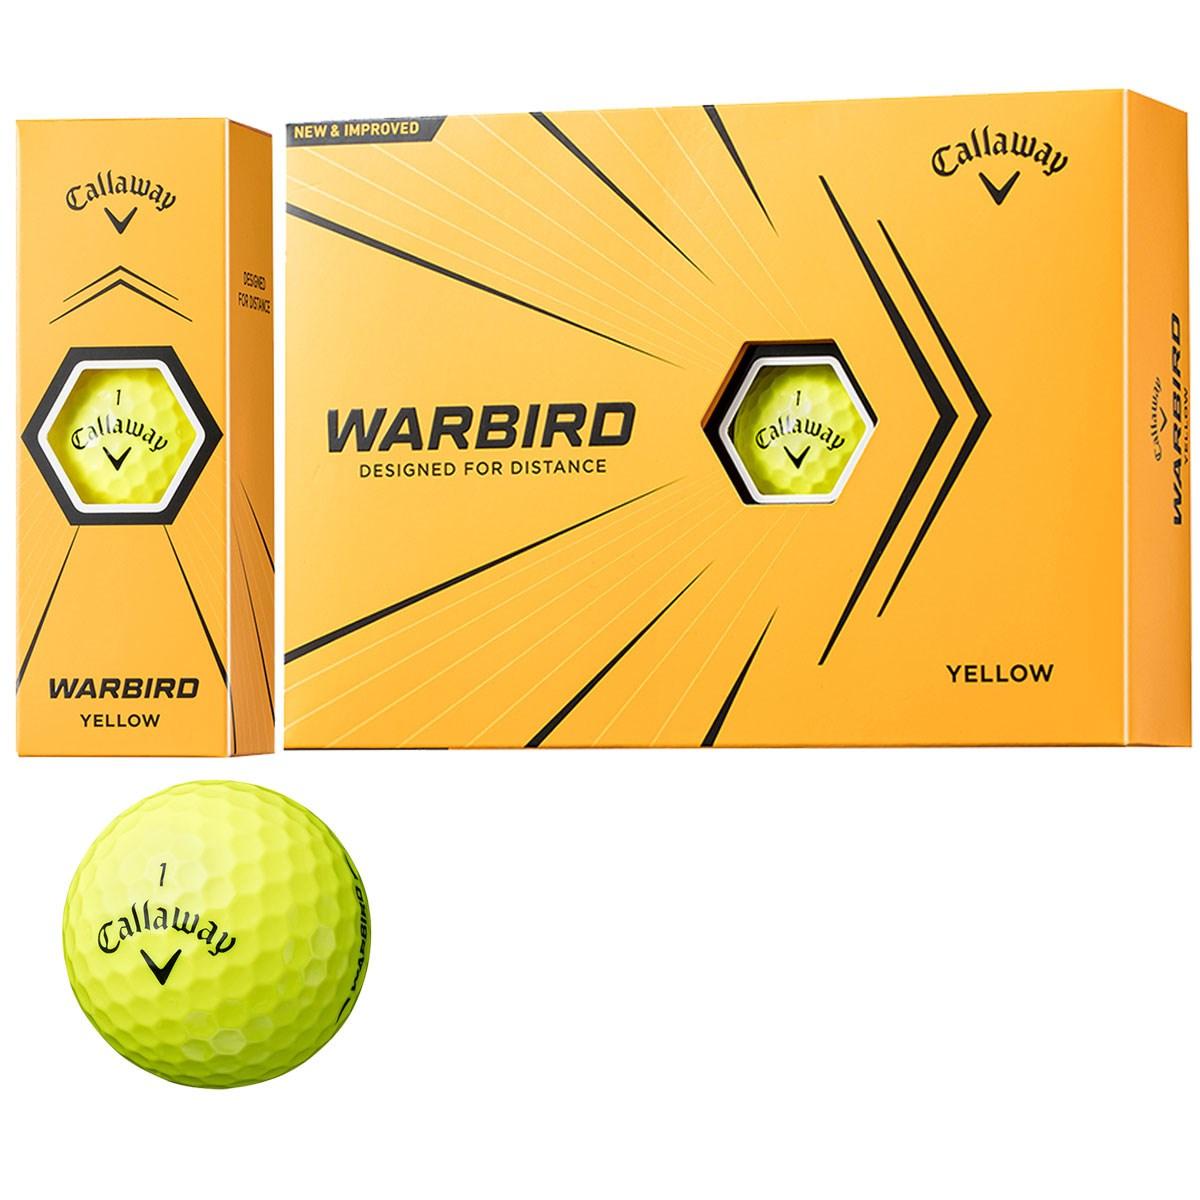 キャロウェイゴルフ WARBIRD WARBIRD 21 ボール 1ダース(12個入り) イエロー